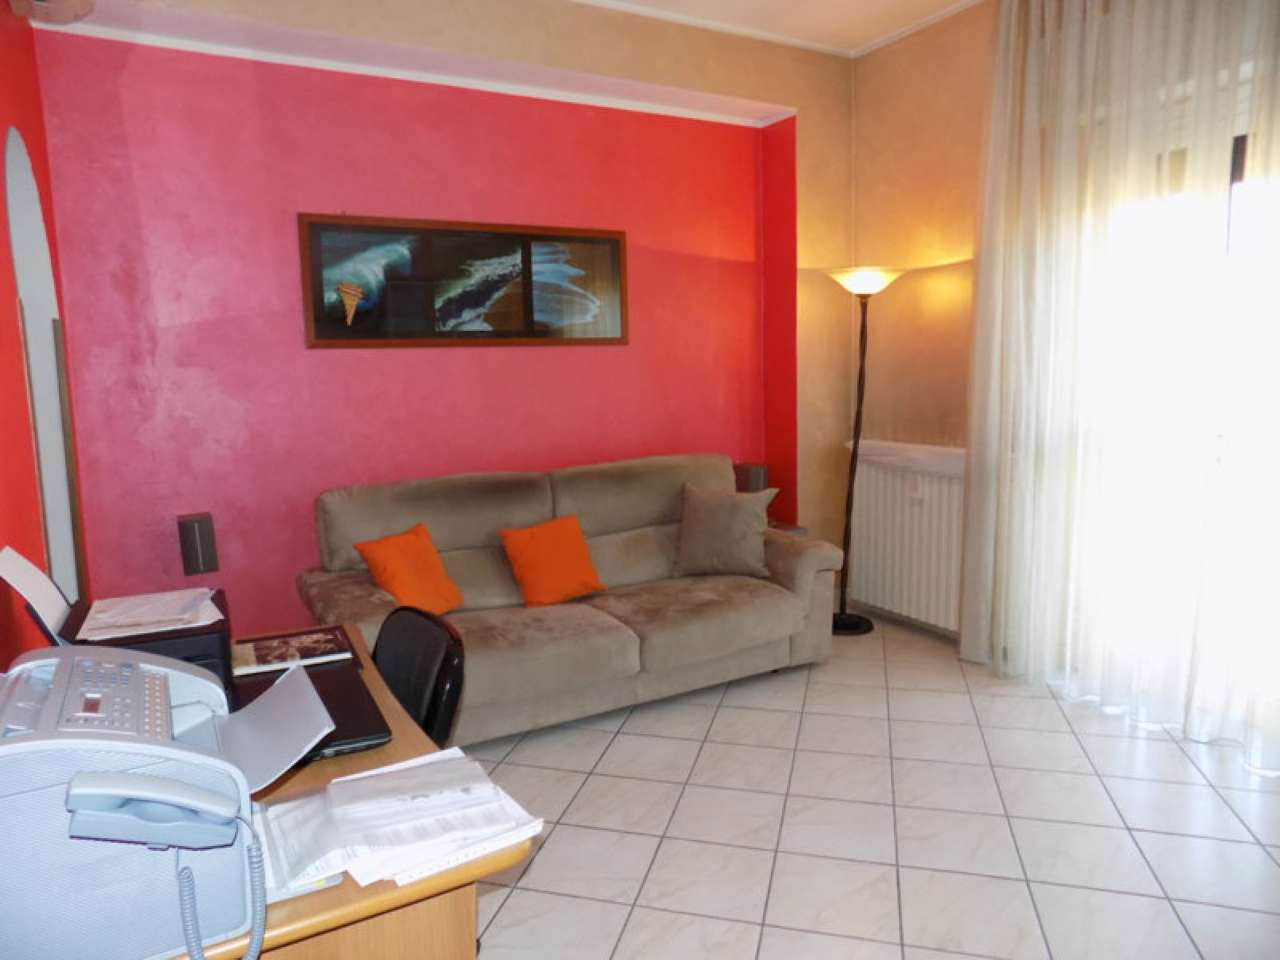 Appartamento in vendita a Senago, 2 locali, prezzo € 105.000 | CambioCasa.it